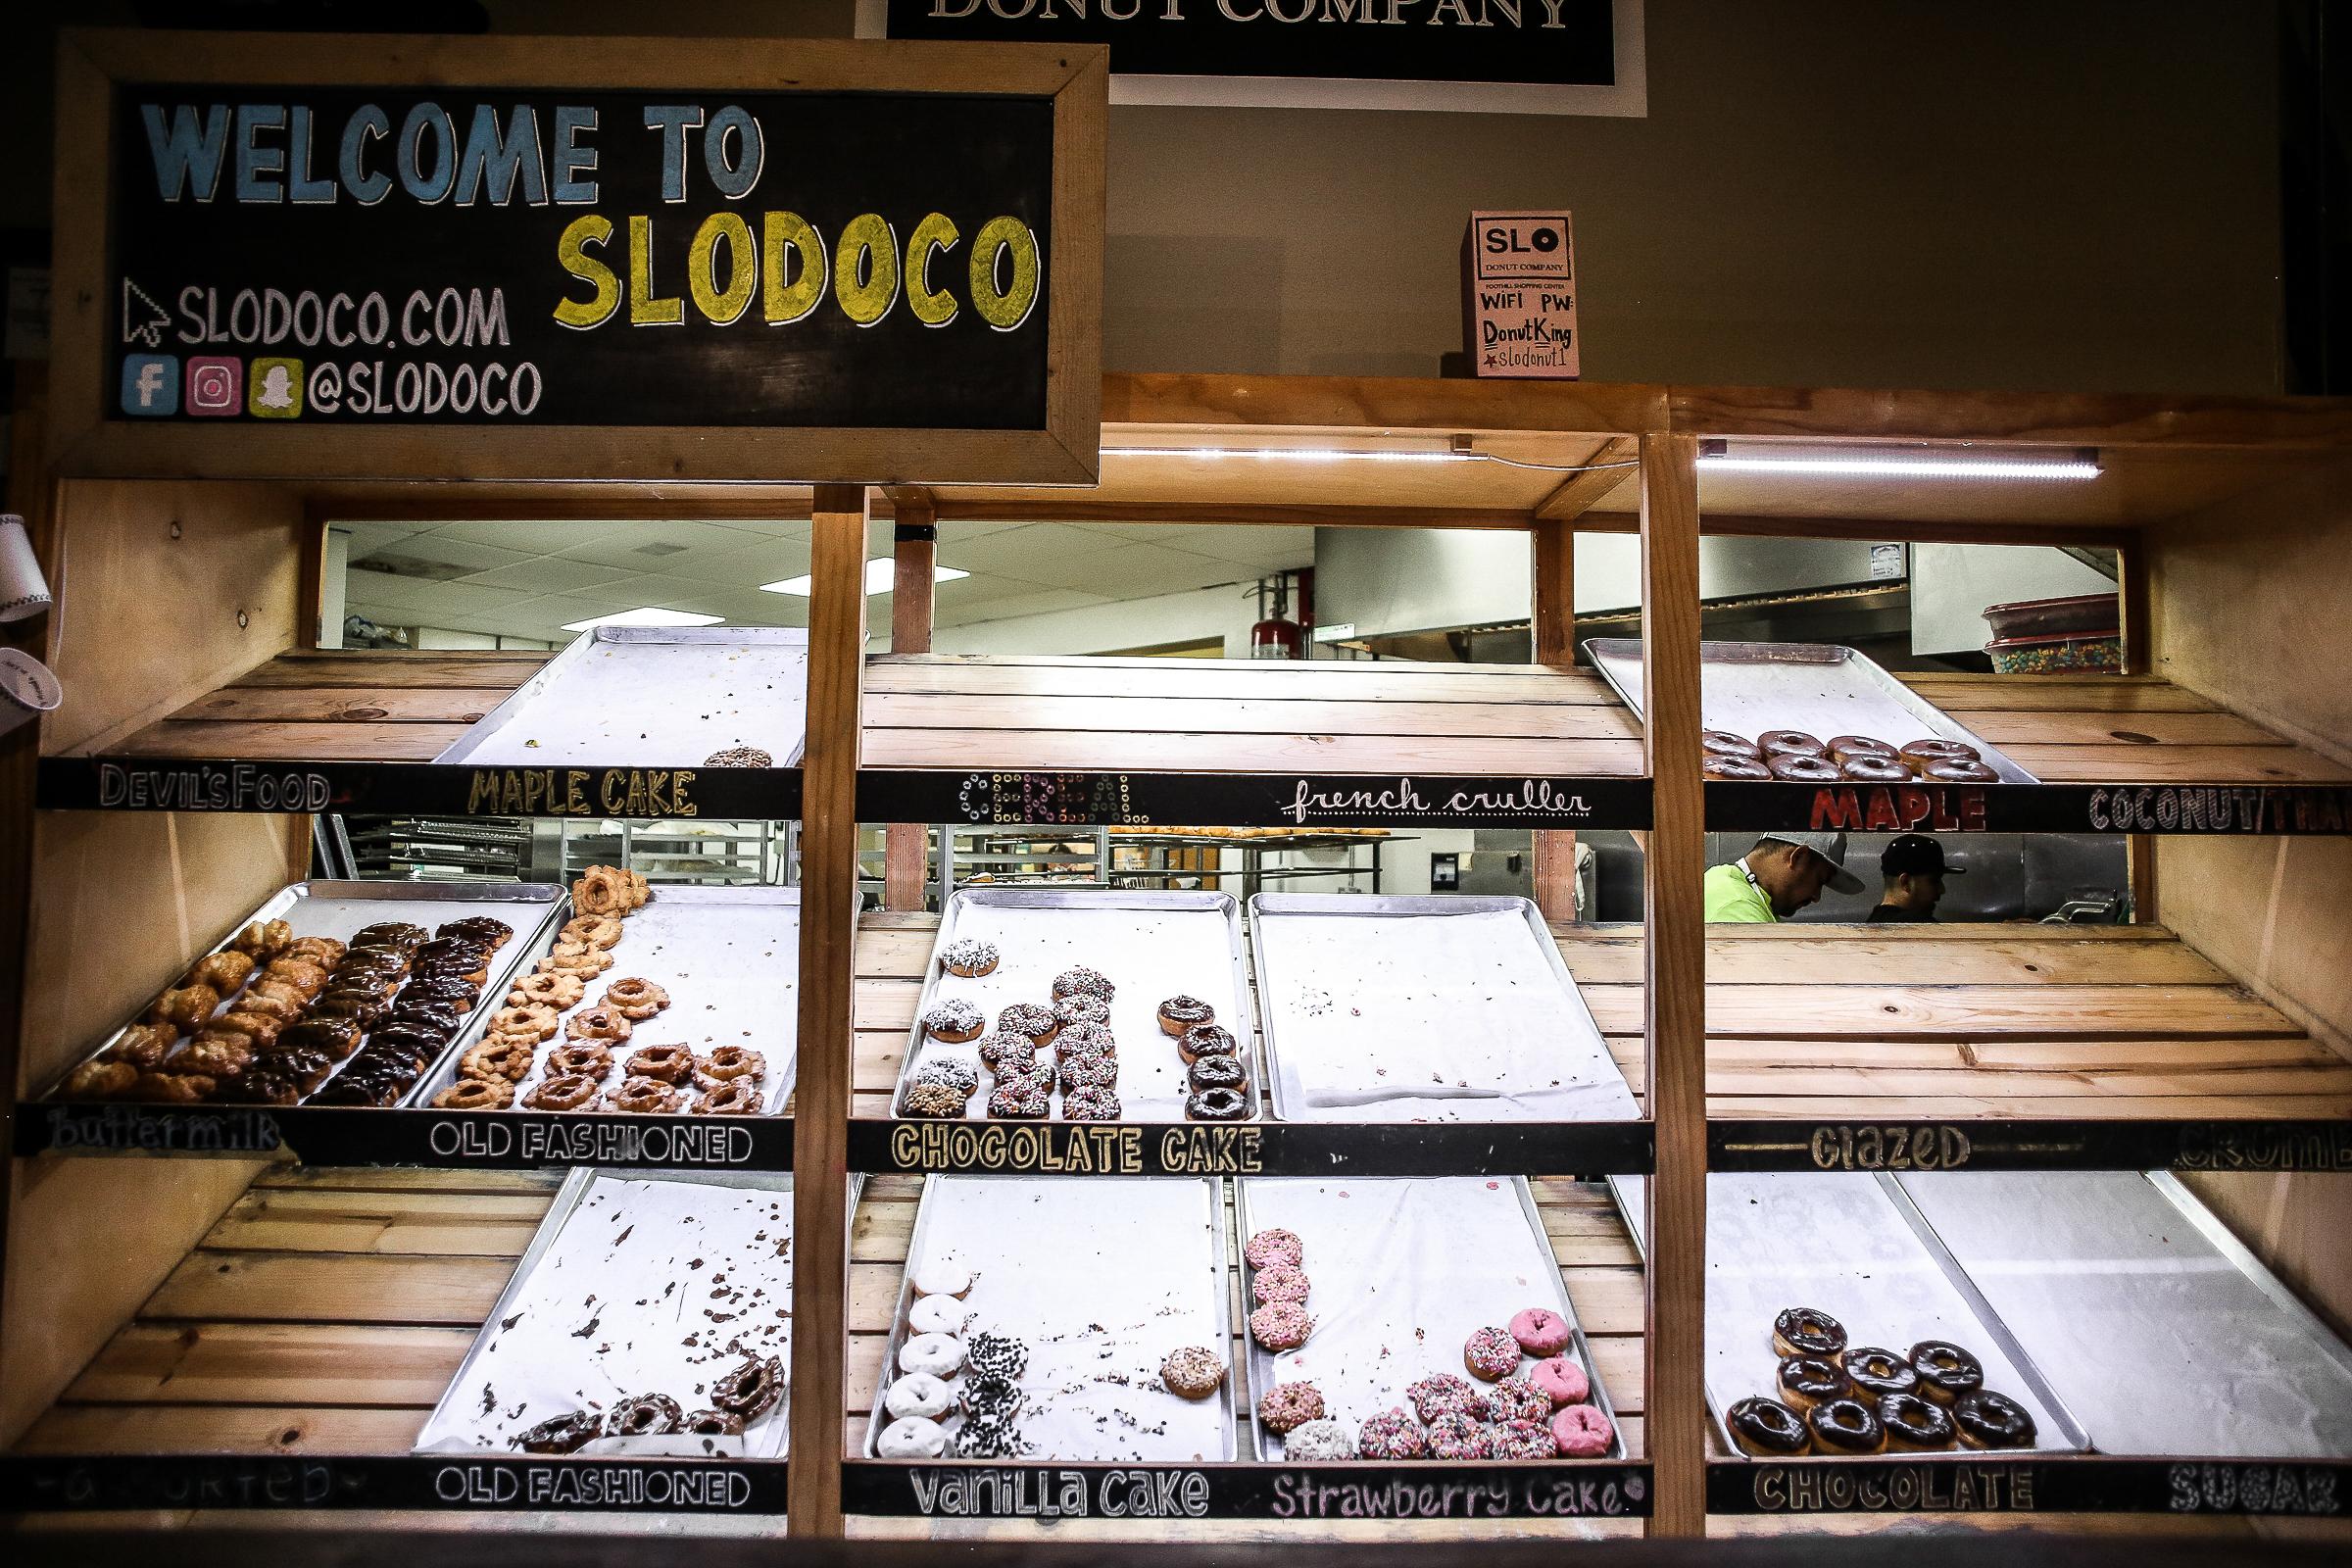 SLODOCO : SLO Donut Company